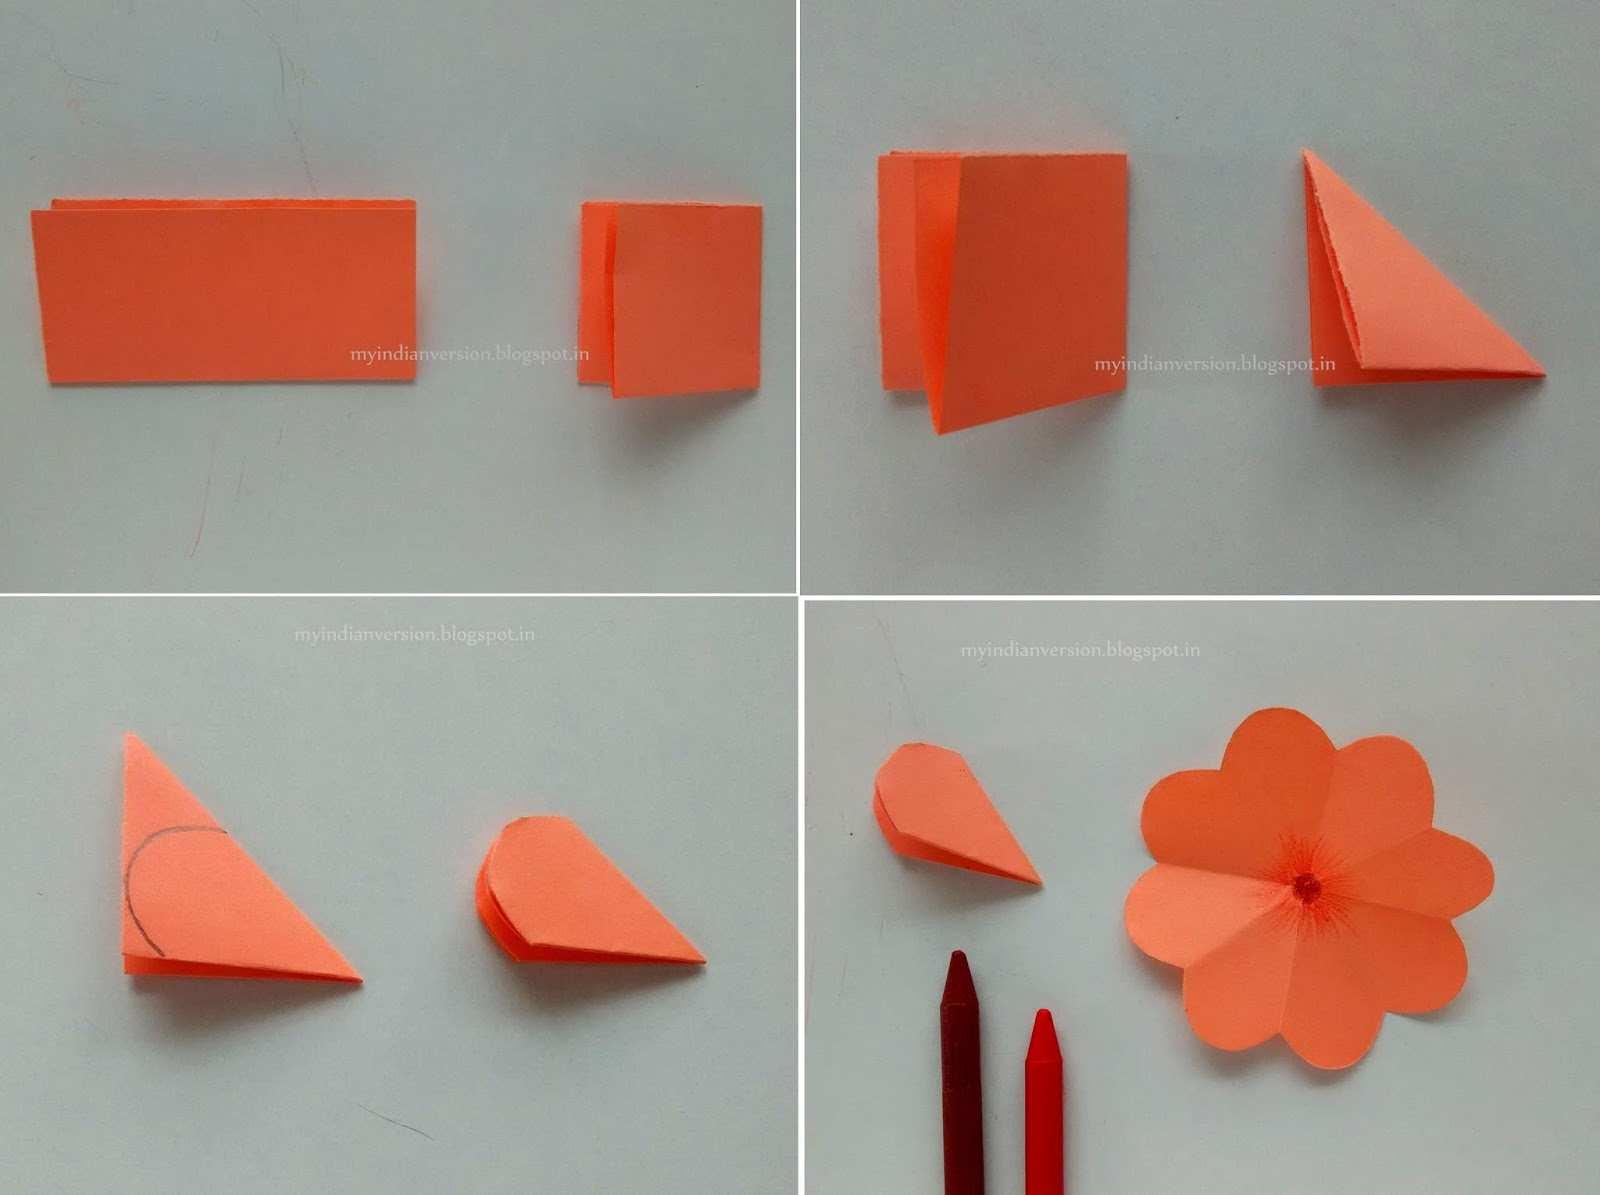 53 Creating Pop Up Card Tutorial Simple in Word for Pop Up Card Tutorial Simple